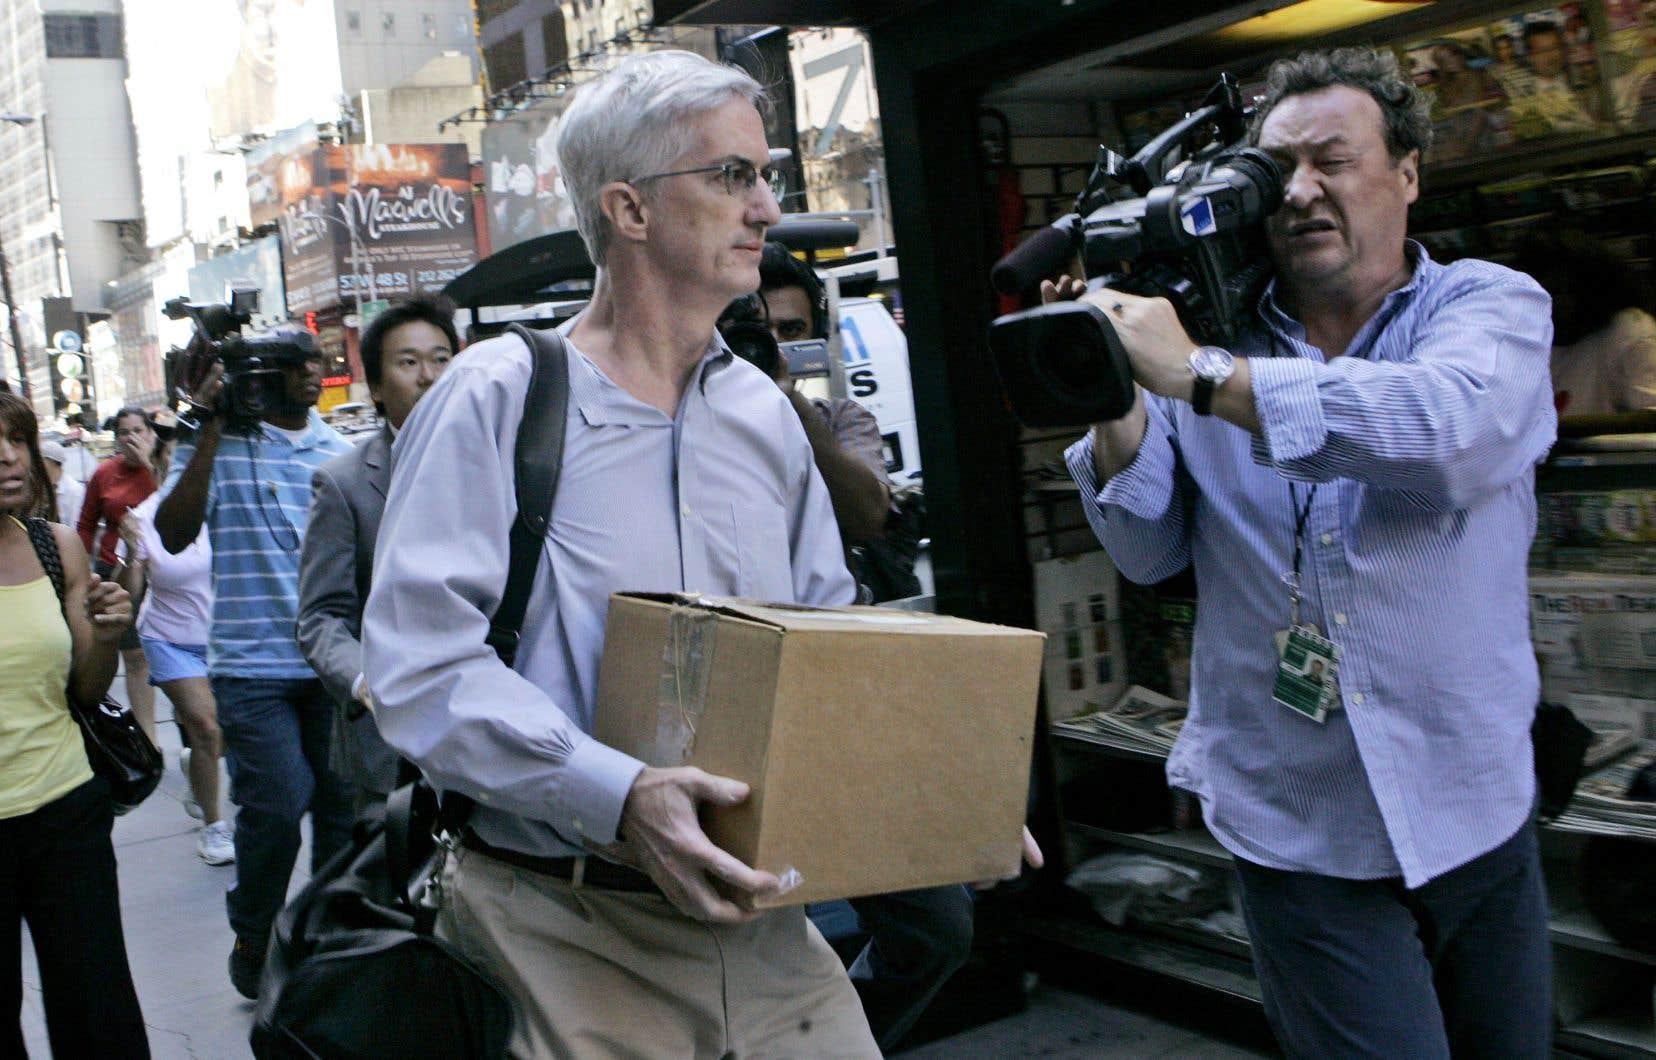 Le 15 septembre 2008, cet employé de Lehman Brothers, qui vient tout juste de déclarer faillite, quitte le siège social de l'entreprise, à New York, avec une boîte contenant ses effets personnels.